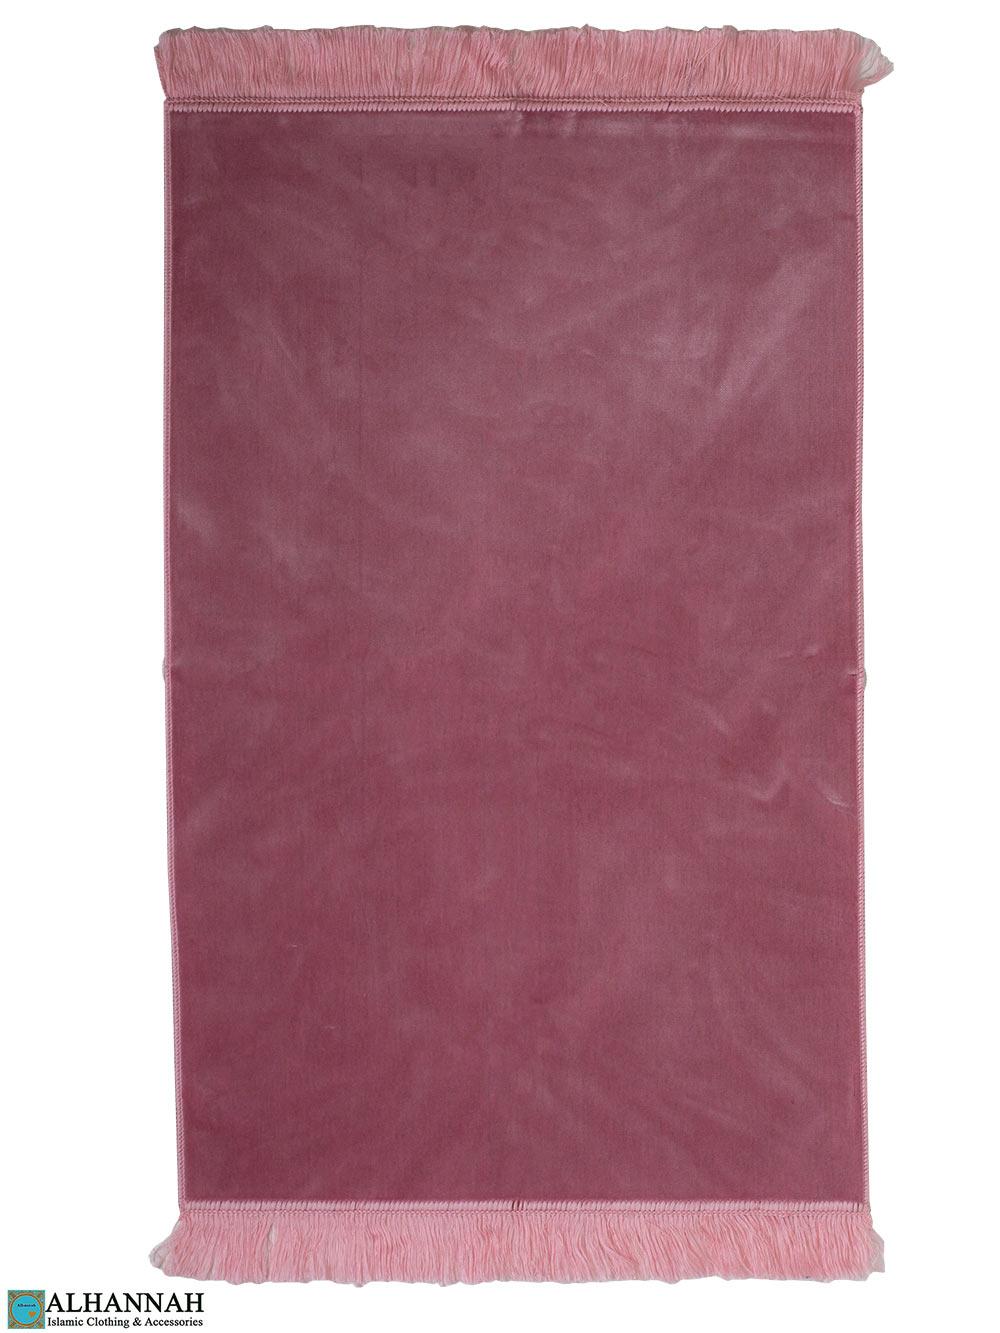 Solid Color Prayer Rug in Carnation